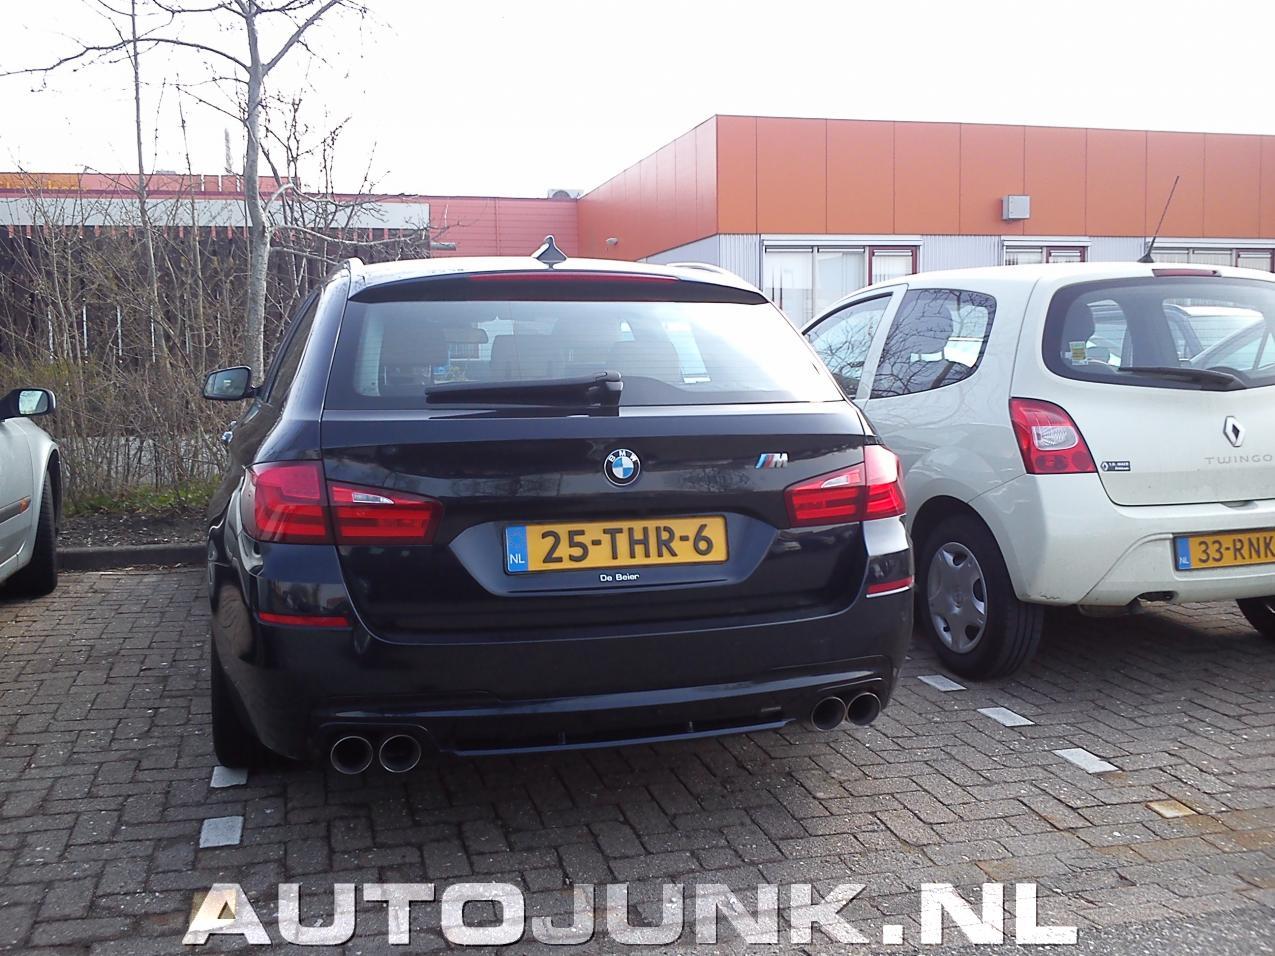 BMW 535D Touring foto's » Autojunk nl (93402)